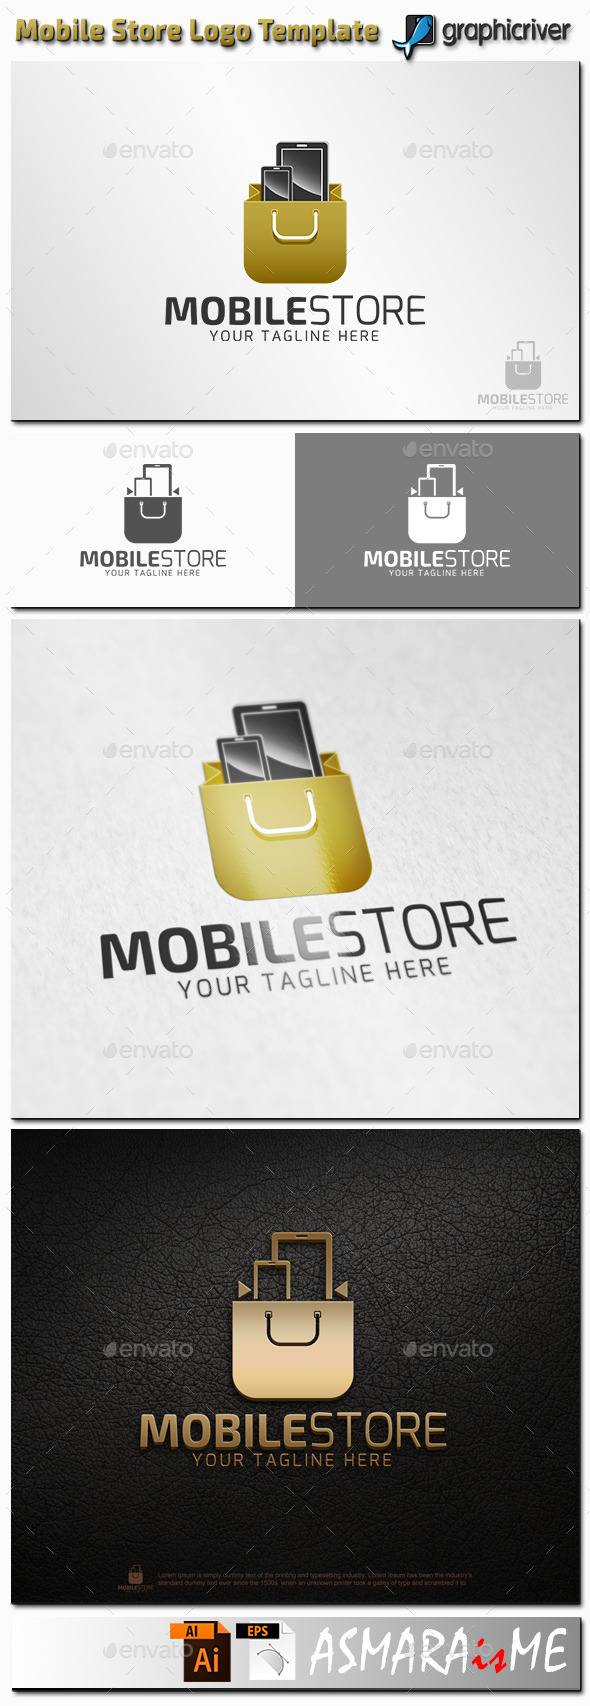 GraphicRiver Mobile Store Logo 11216162